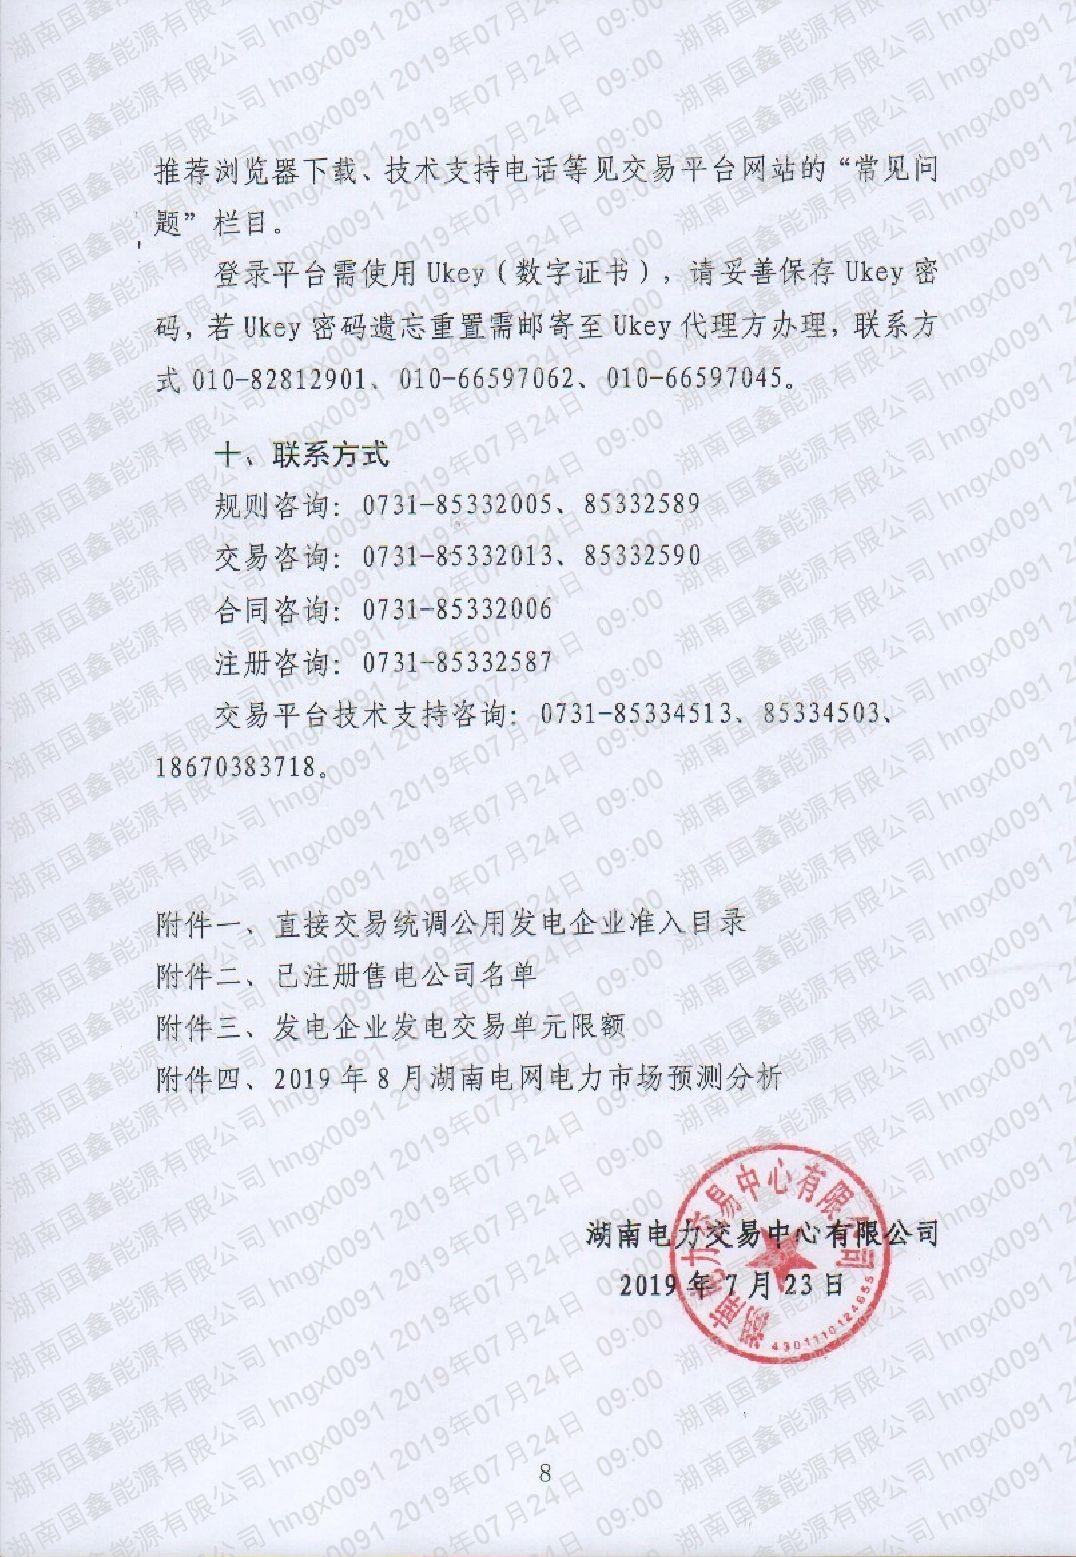 2019年8月湖南電力市場交易的公告(2019年16號).pdf_page_8_compressed.jpg